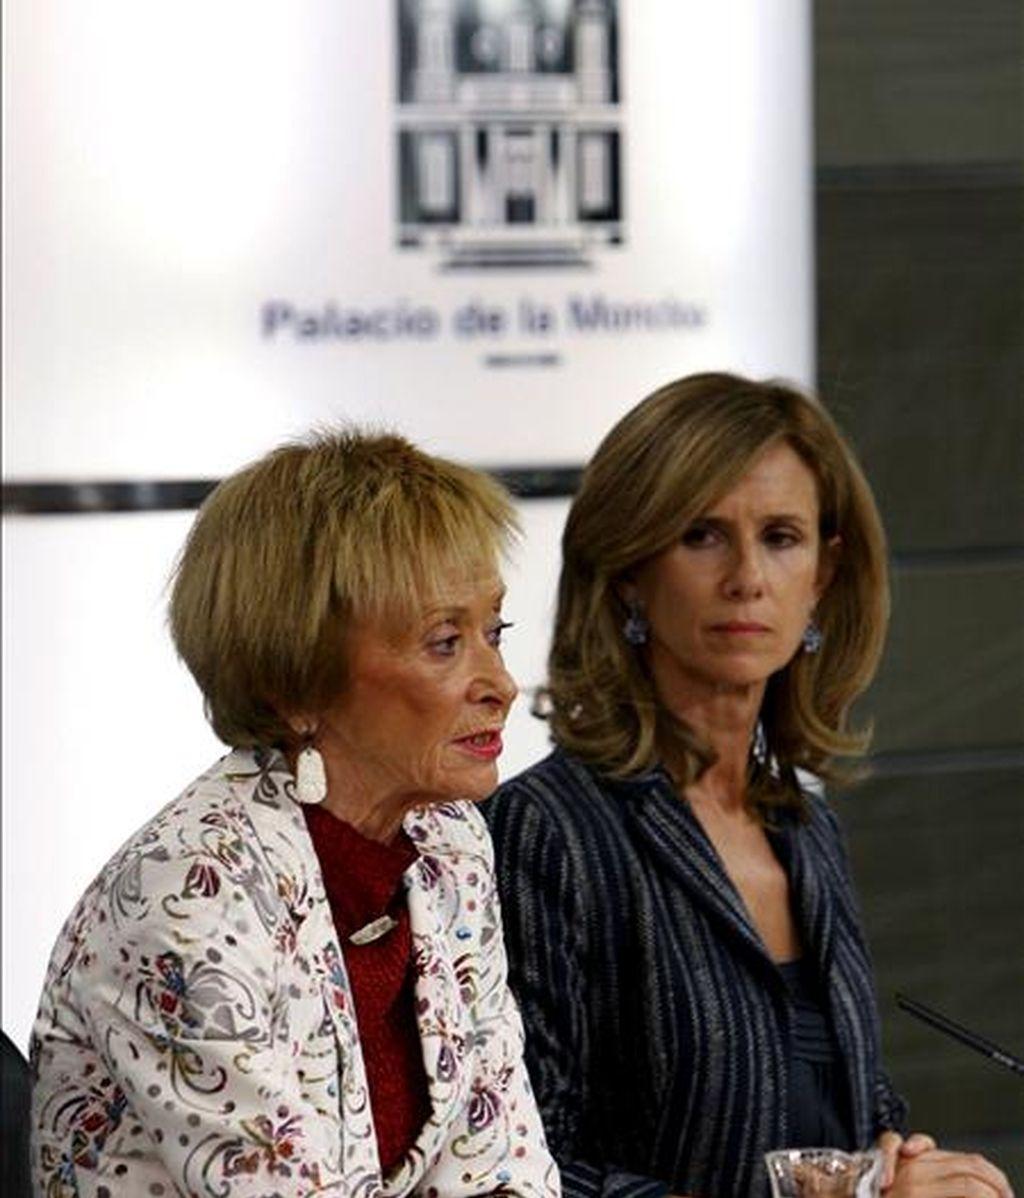 La vicepresidenta del gobierno, María Teresa Fernández de la Vega, y la ministra de Ciencia e Innovación, Cristina Garmendia (d), durante la rueda de prensa que ofrecieron hoy, tras el Consejo de Ministros. EFE